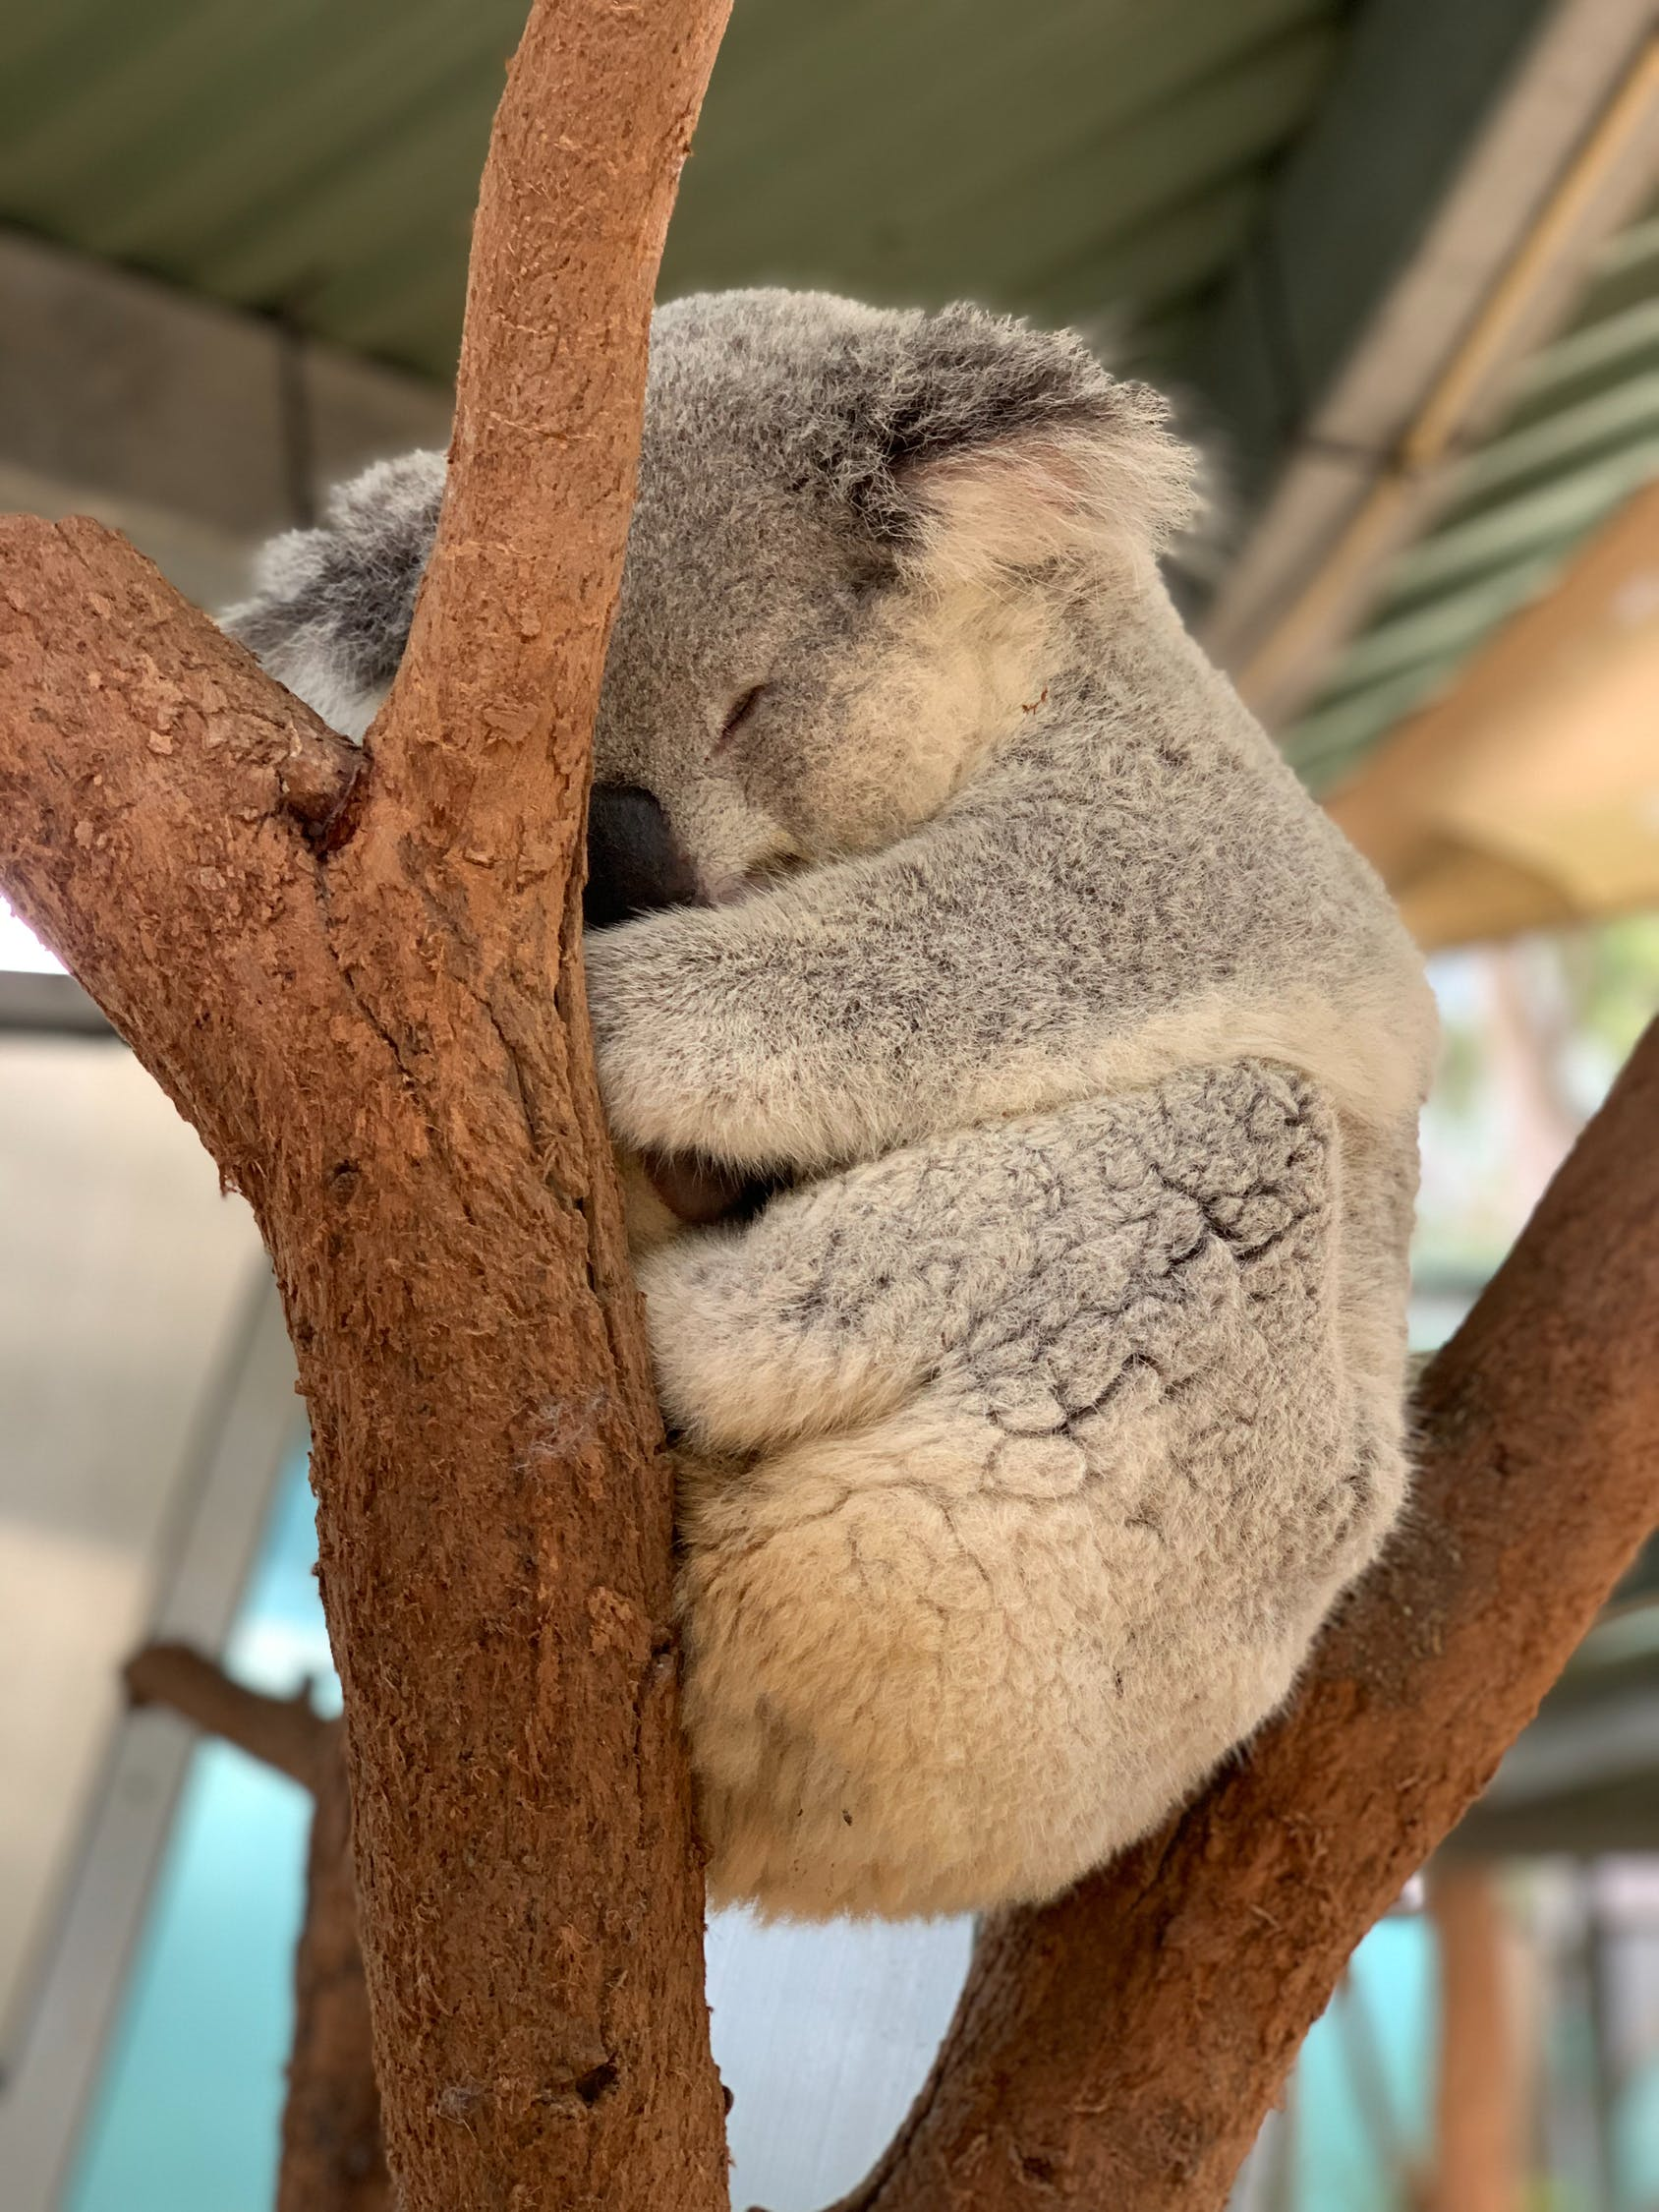 Australija # 1 web mjesto za upoznavanje